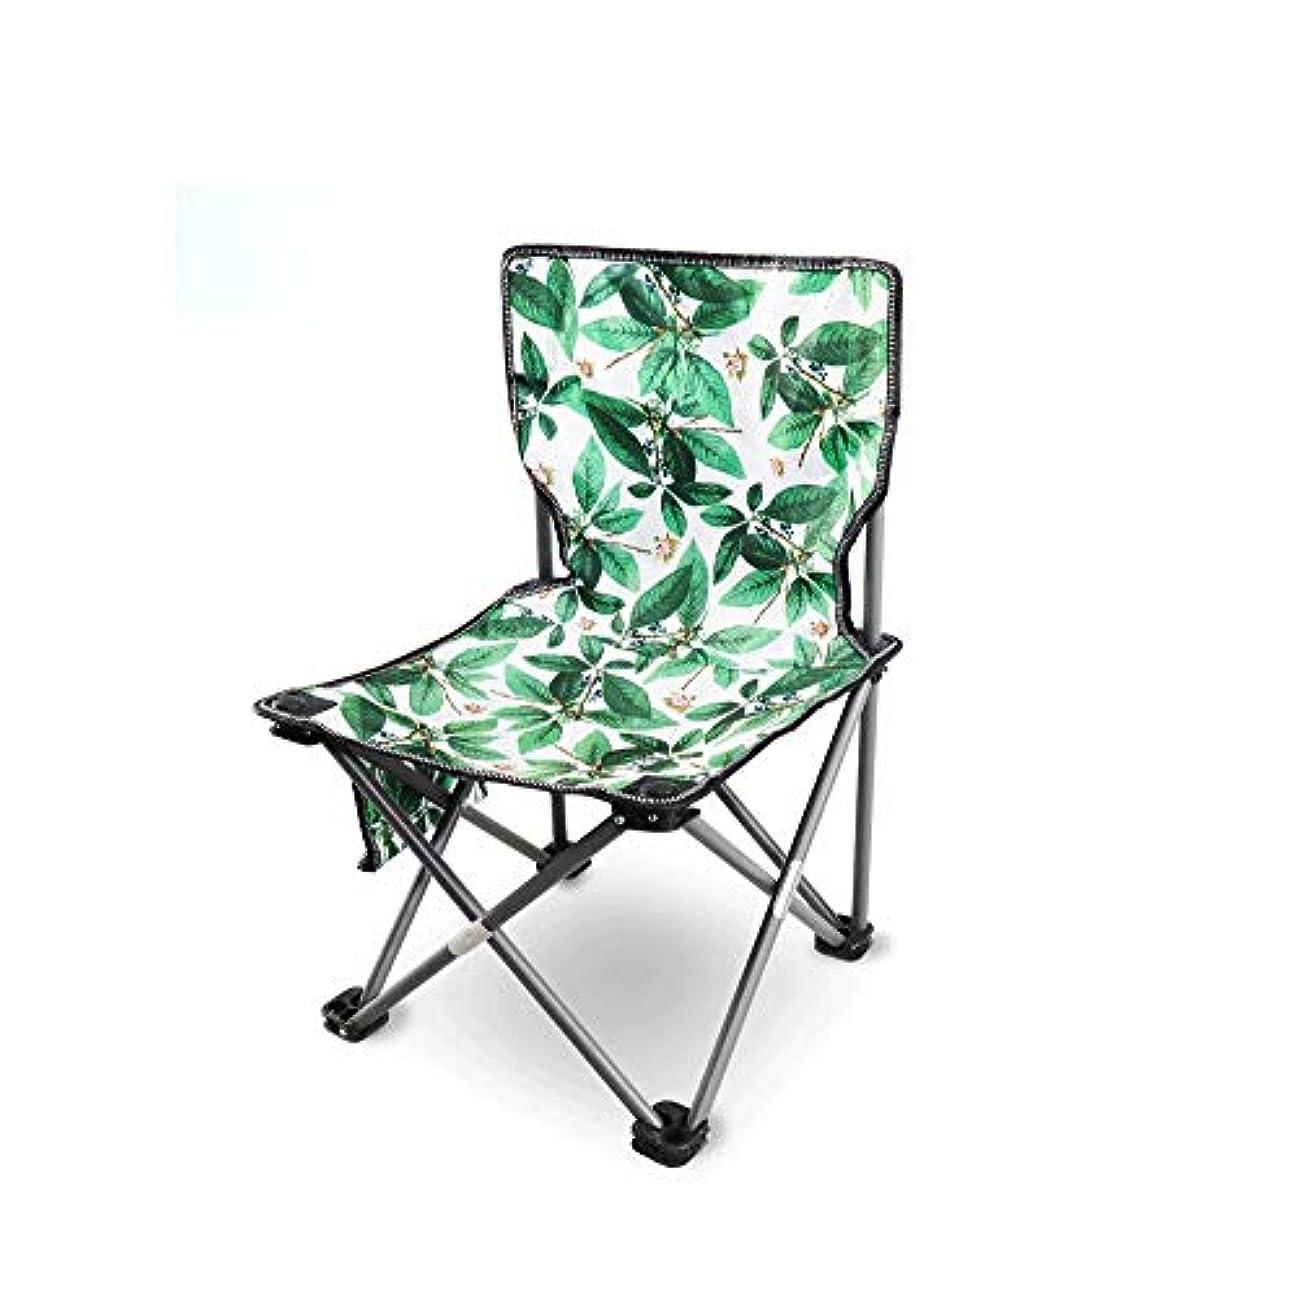 高層ビルネーピア分類トートバッグ付き屋外用超軽量ポータブル折りたたみ椅子キャンプ折りたたみ椅子スケッチチェア釣り椅子スツール、ハイキング、バーベキュー、ピクニック、旅行、ビーチチェア 屋外用チェア